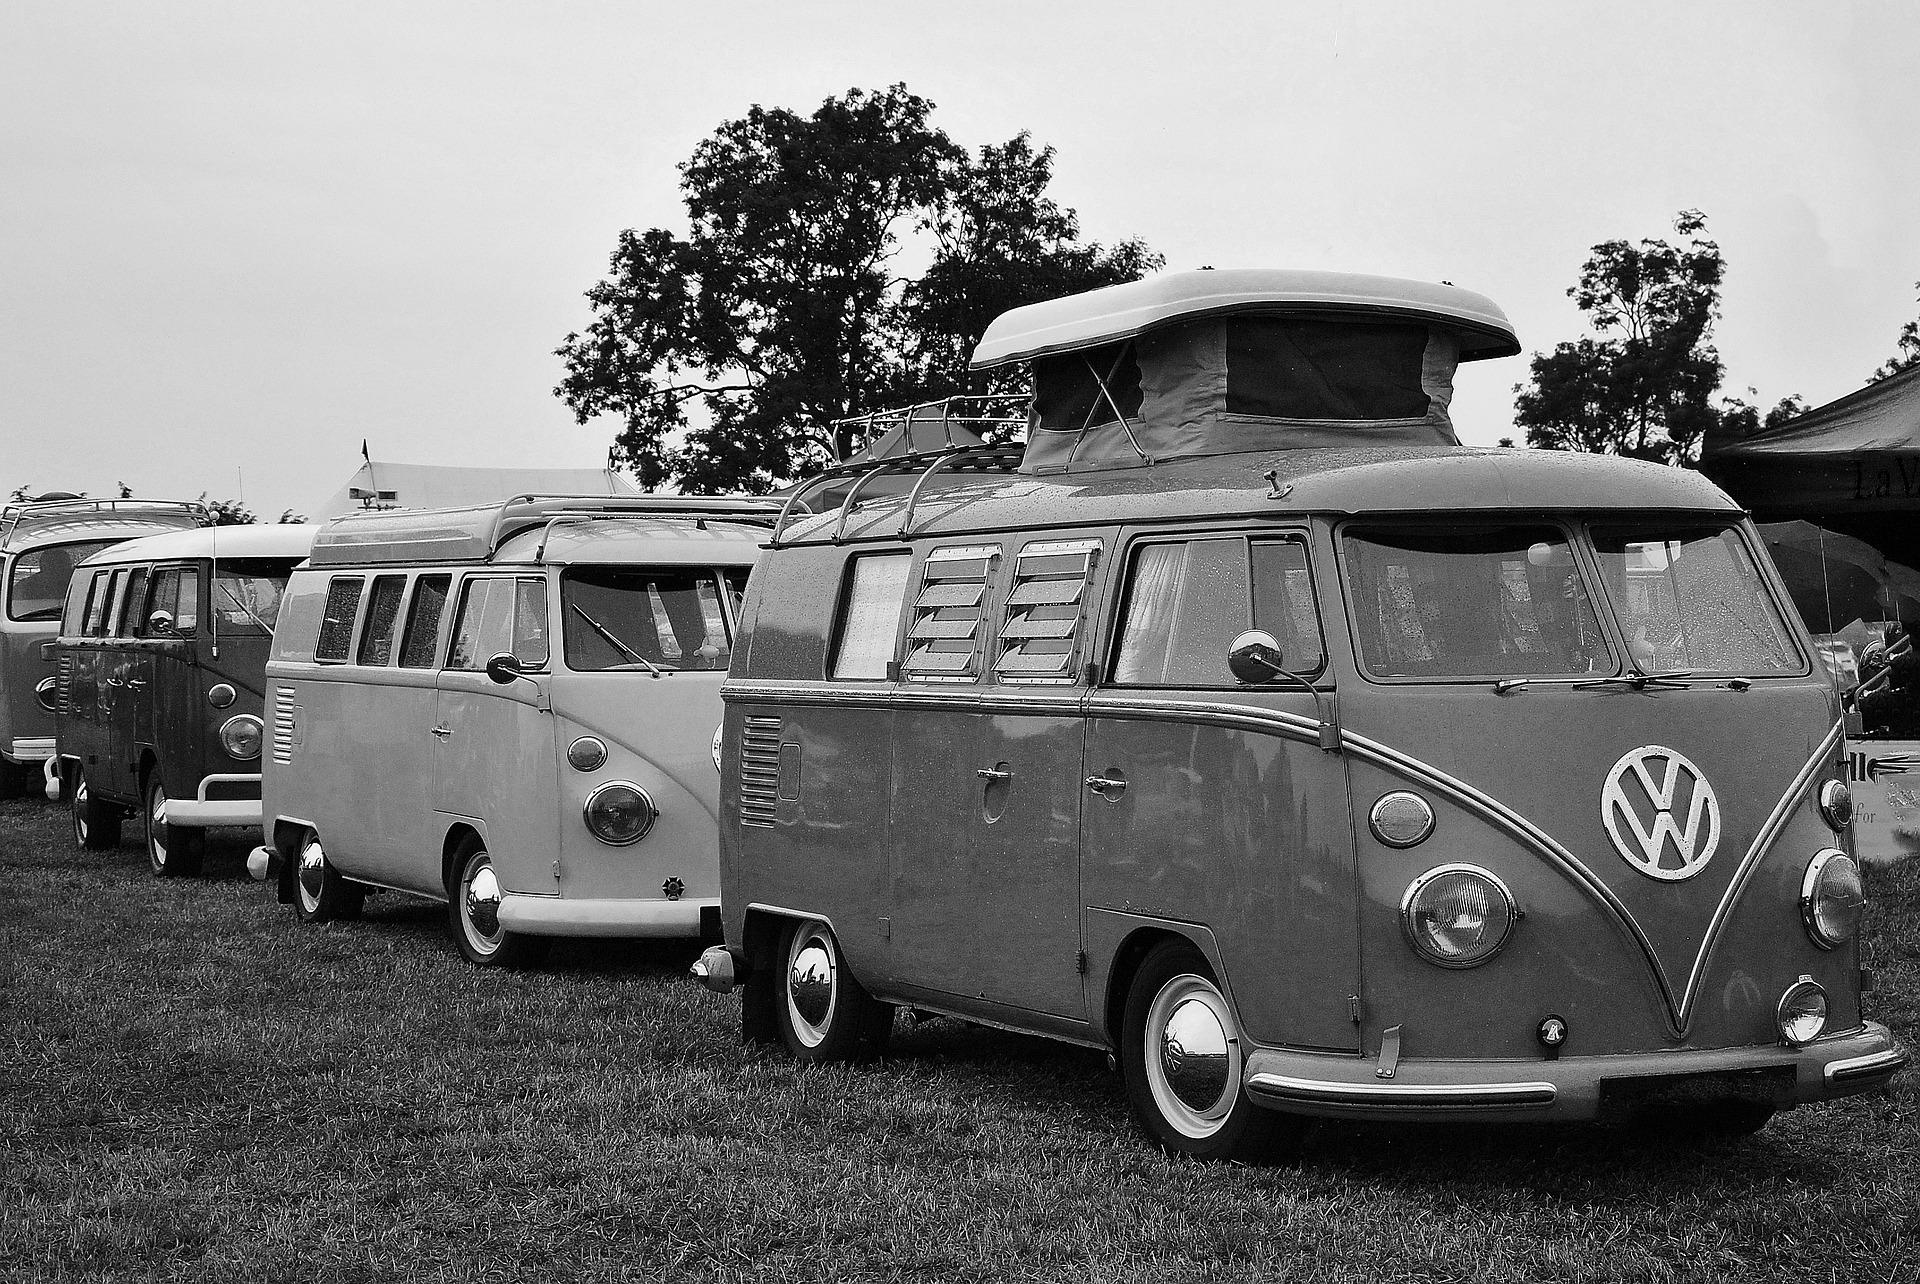 Tout pour l'achat, la location ou l'aménagement de votre mini camping car ou camping-car